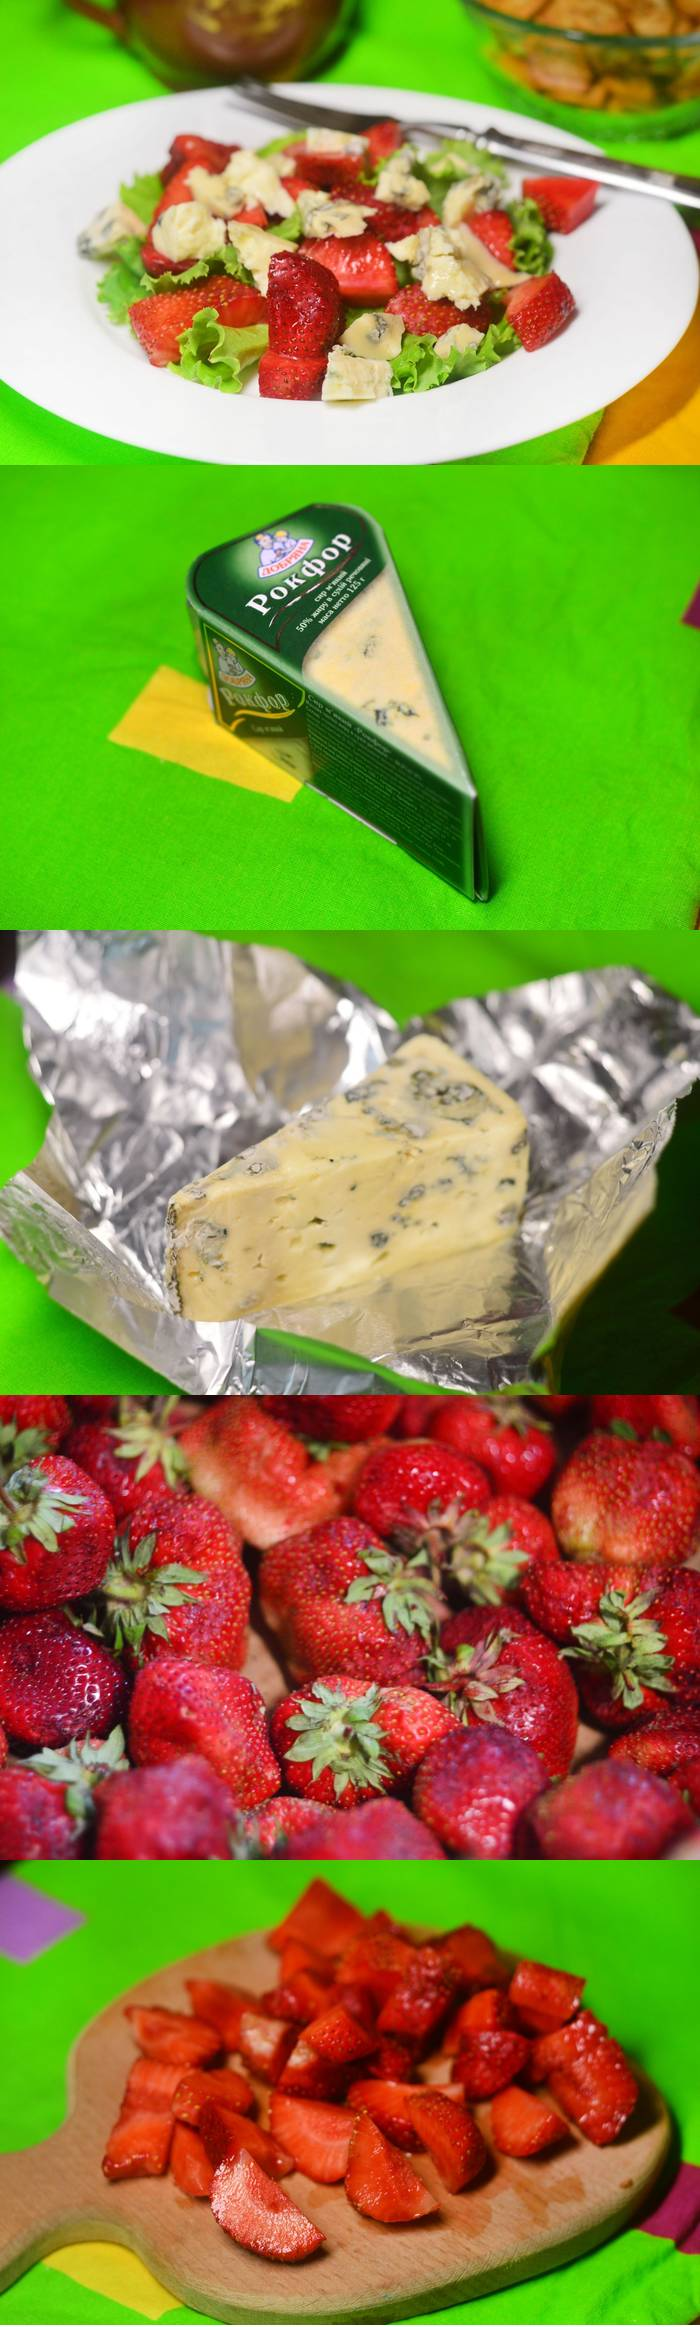 Салат из клубники и сыра с плесенью